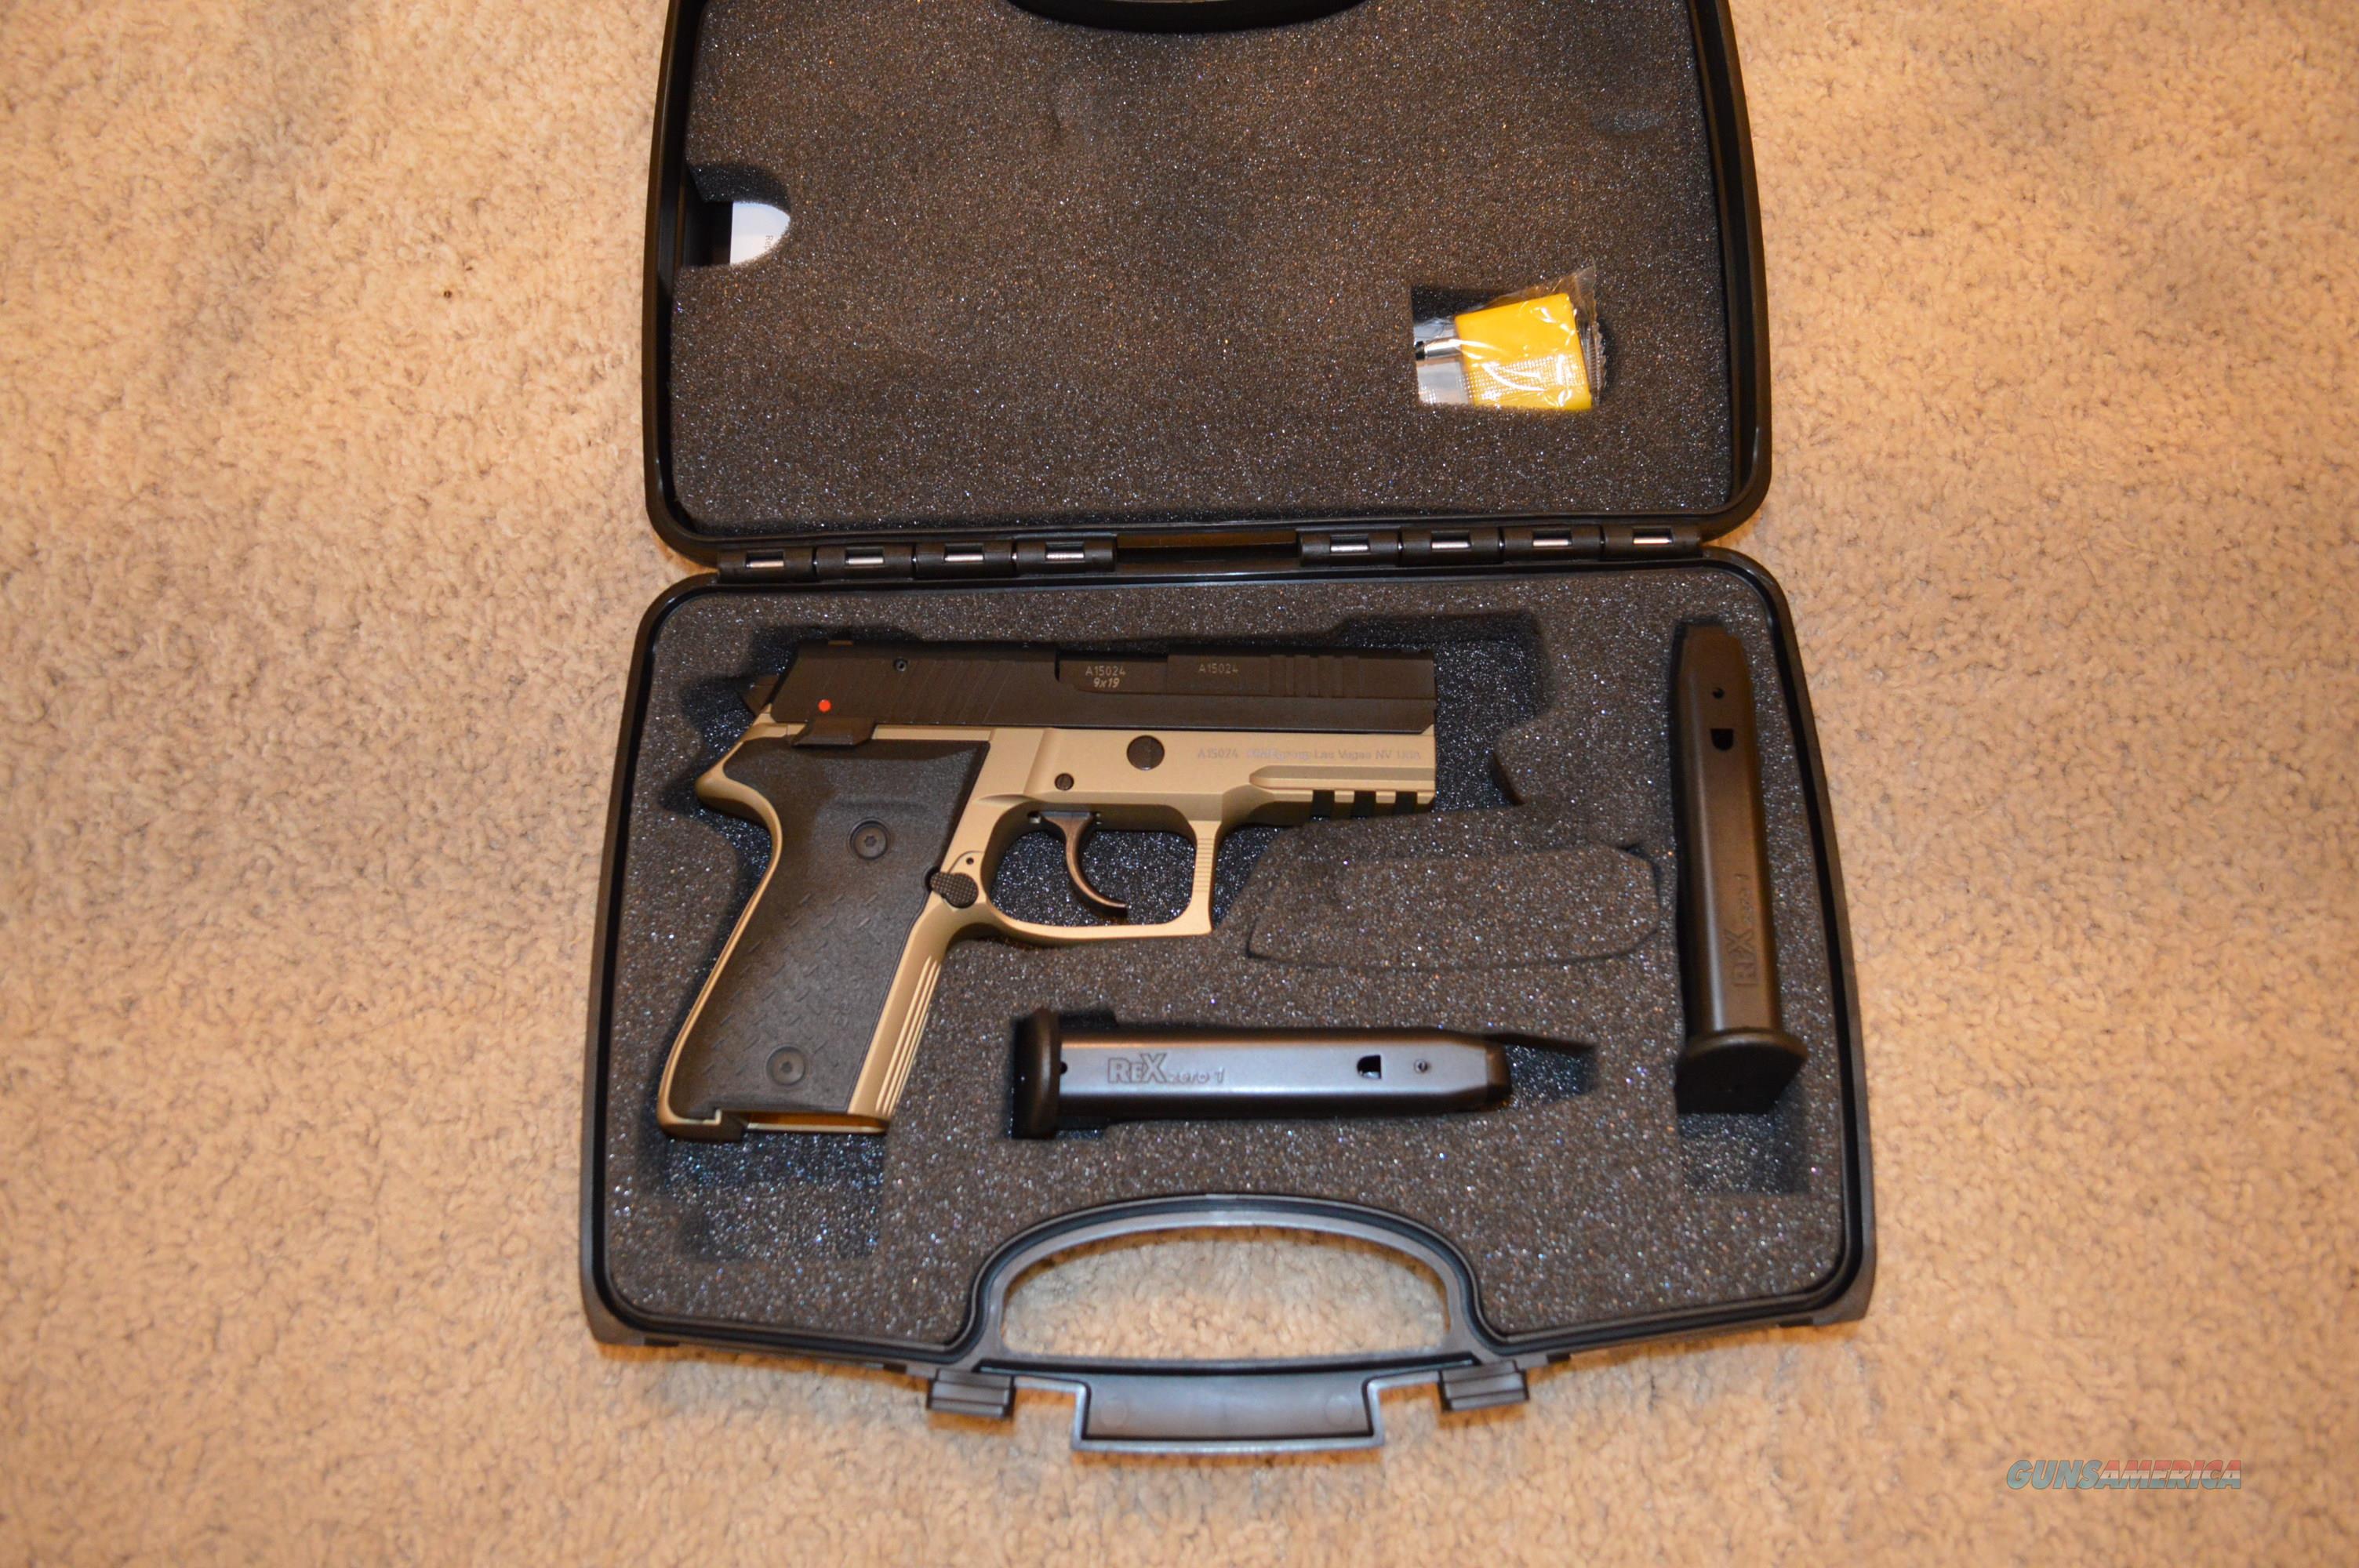 Fime Arex Rex Zero 1CP   Guns > Pistols > FIME Group Pistols > Rex Zero 1